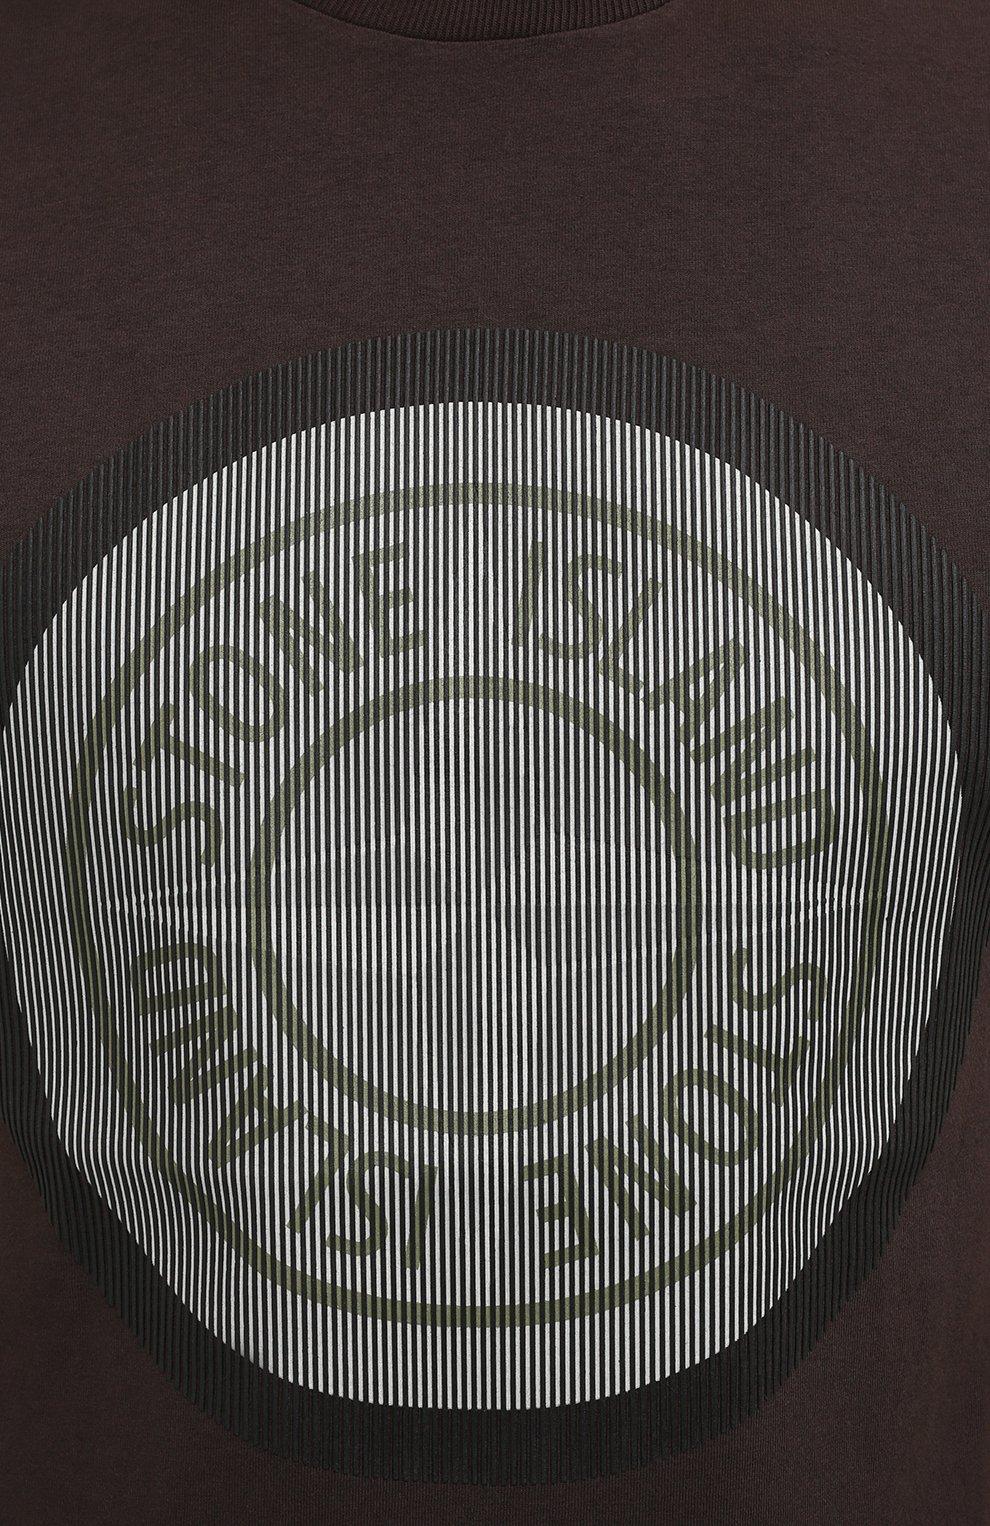 Мужская хлопковая футболка STONE ISLAND темно-коричневого цвета, арт. 75152NS89   Фото 5 (Рукава: Короткие; Длина (для топов): Стандартные; Принт: С принтом; Материал внешний: Хлопок; Стили: Кэжуэл)